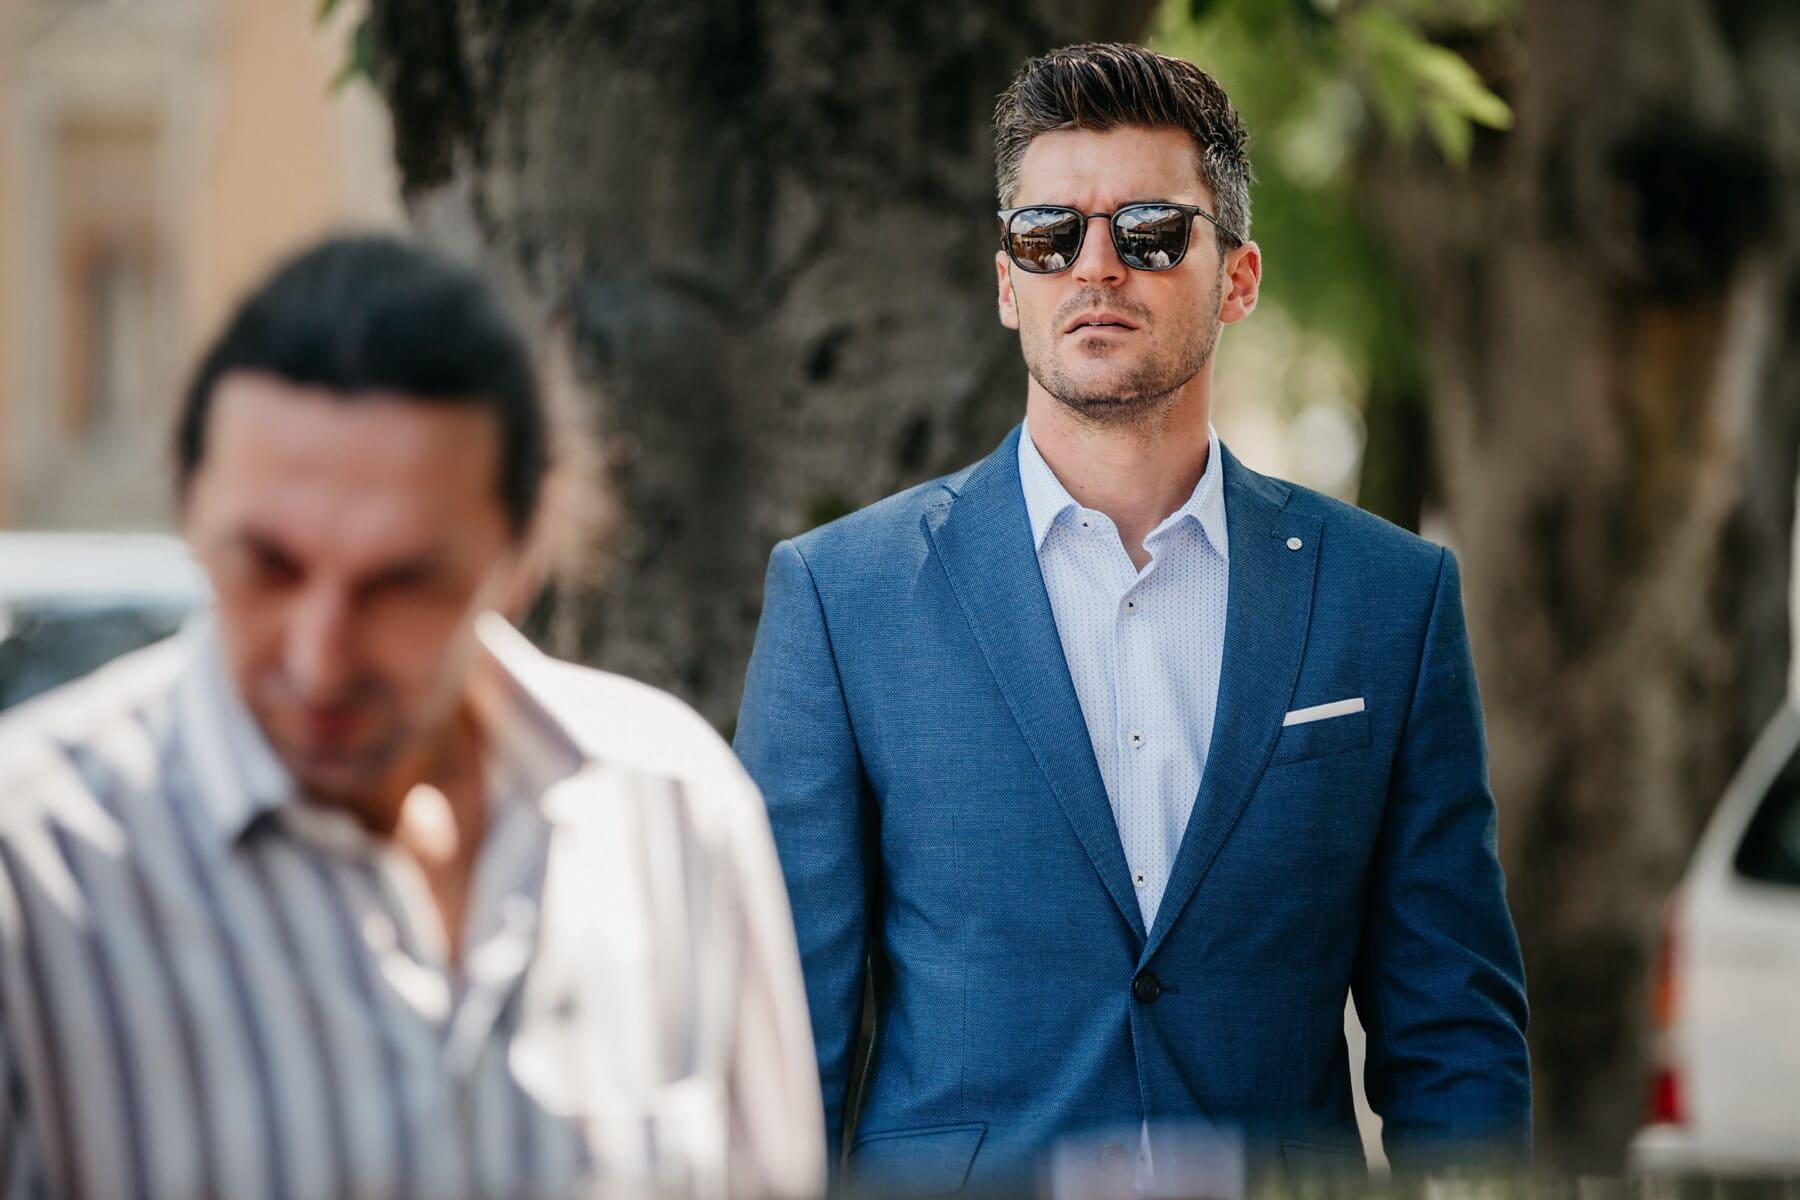 marche, Beau, homme d'affaire, costume, entreprise, Portrait, Entreprise, exécutif, homme, personne